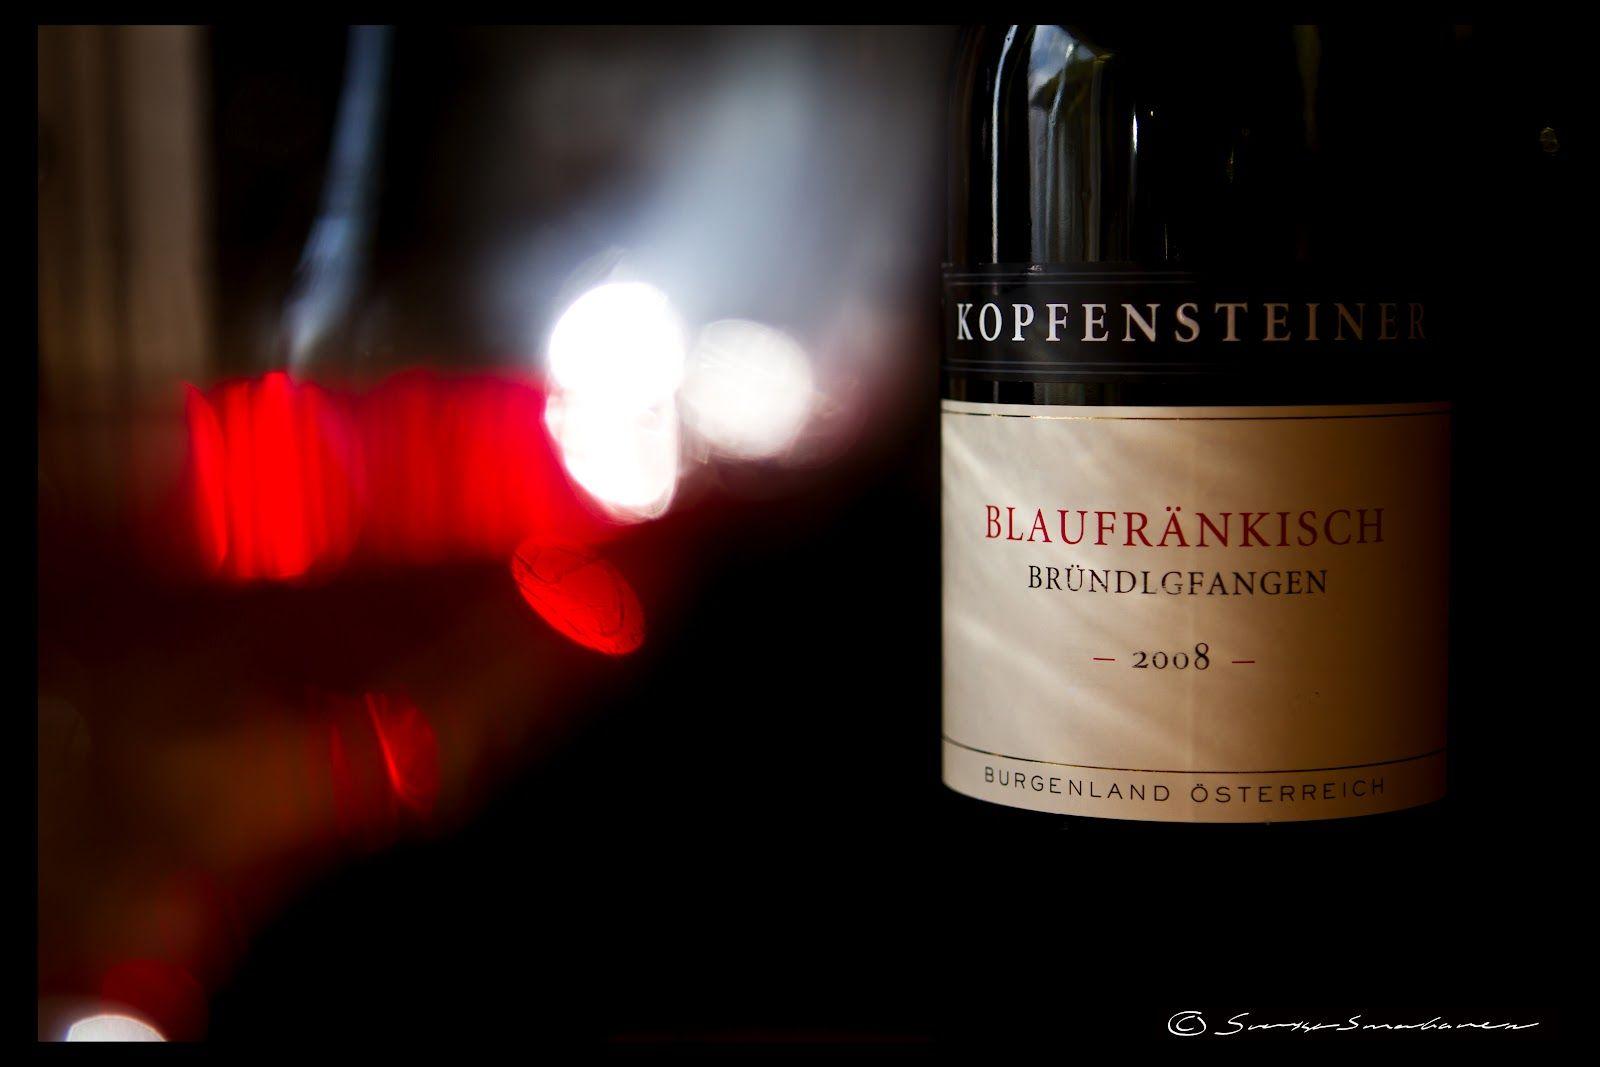 Kopfensteiner Blaufrankisch 2007 Its On Kanske Vin Finnar Linda